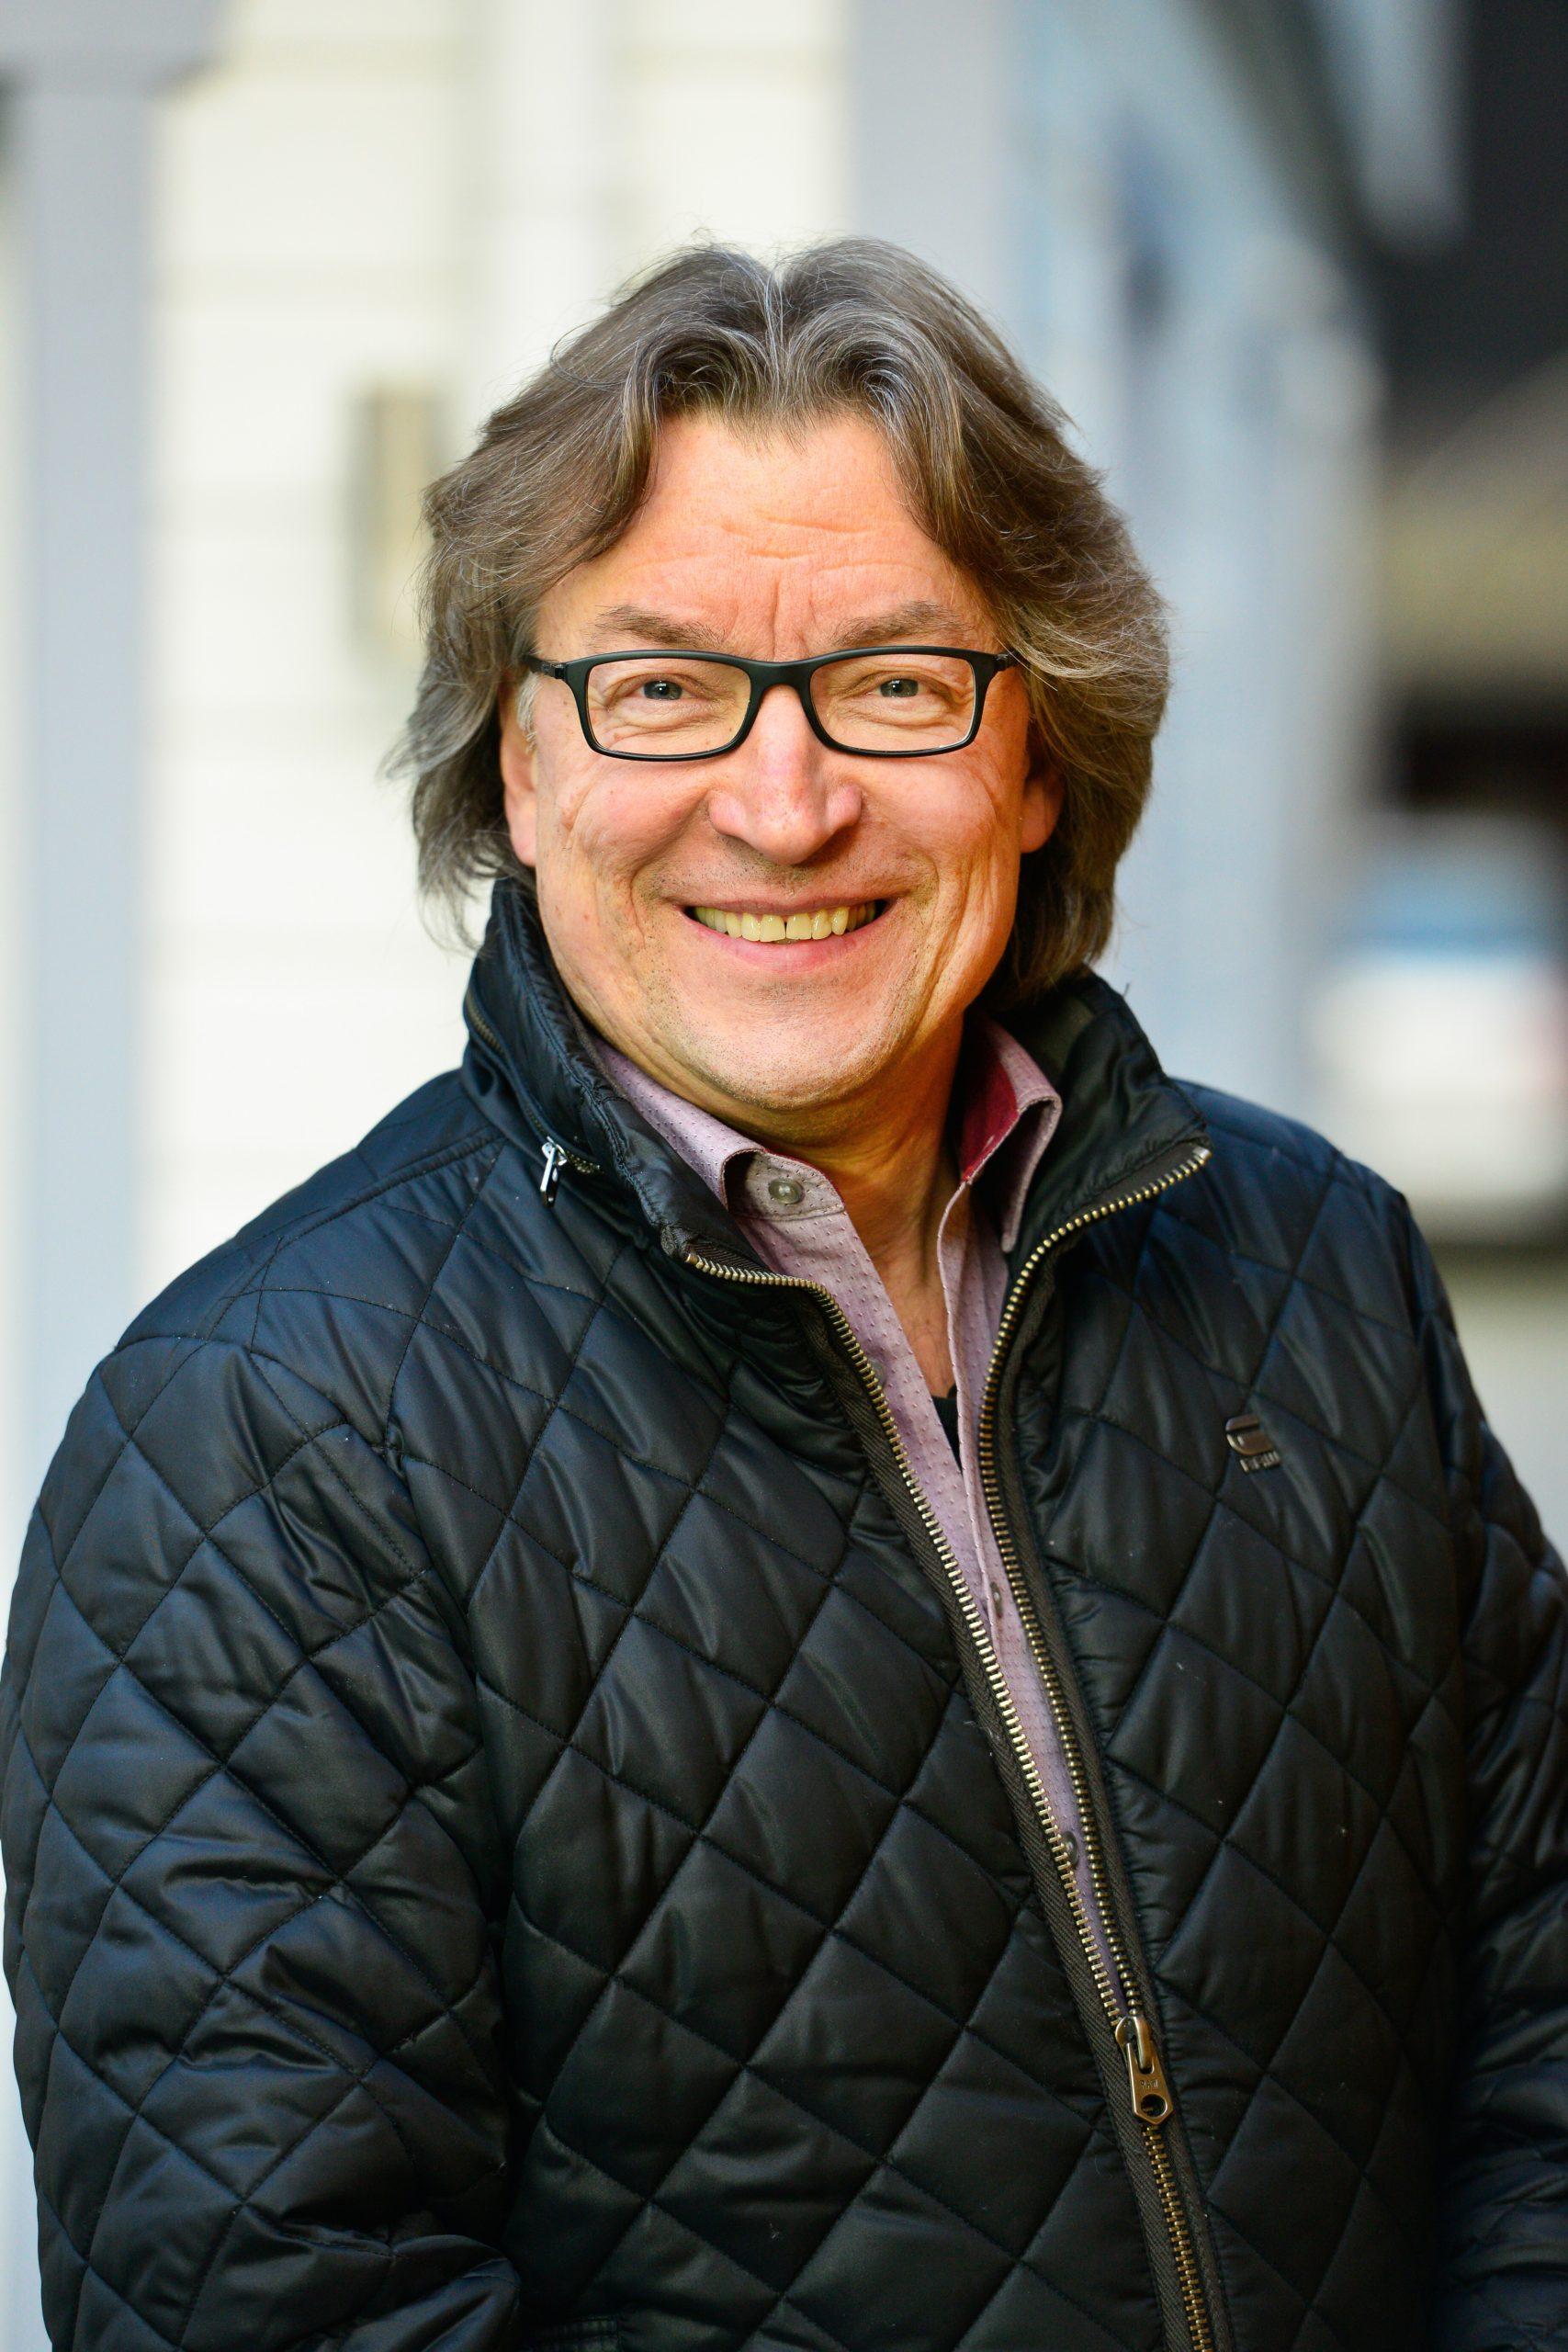 Udo Schiwik